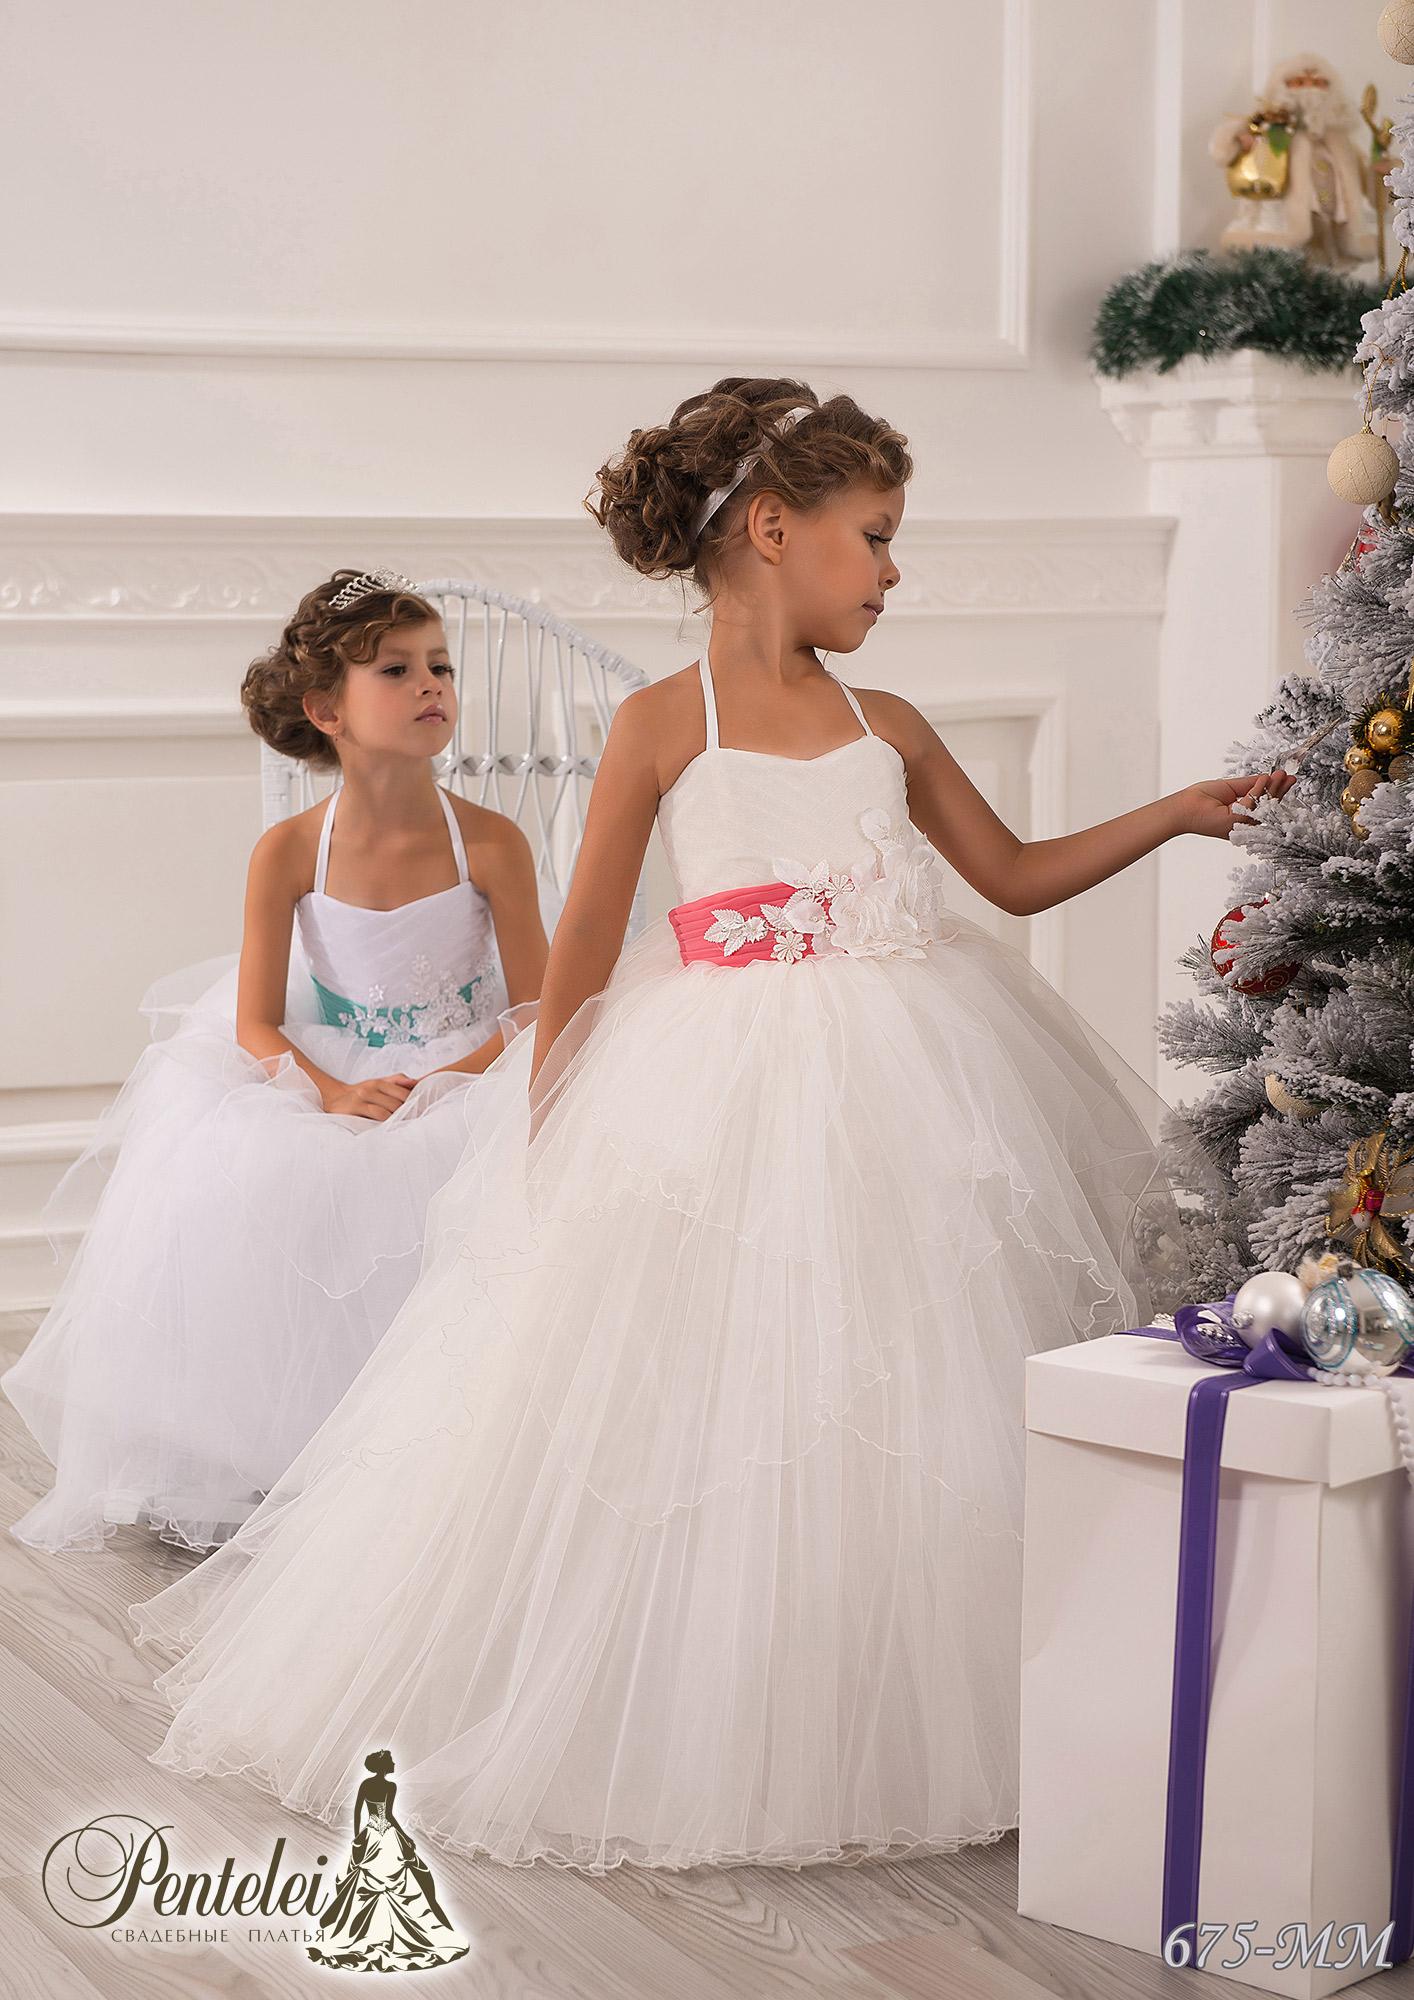 675-MM | Купити дитячі сукні оптом від Pentelei